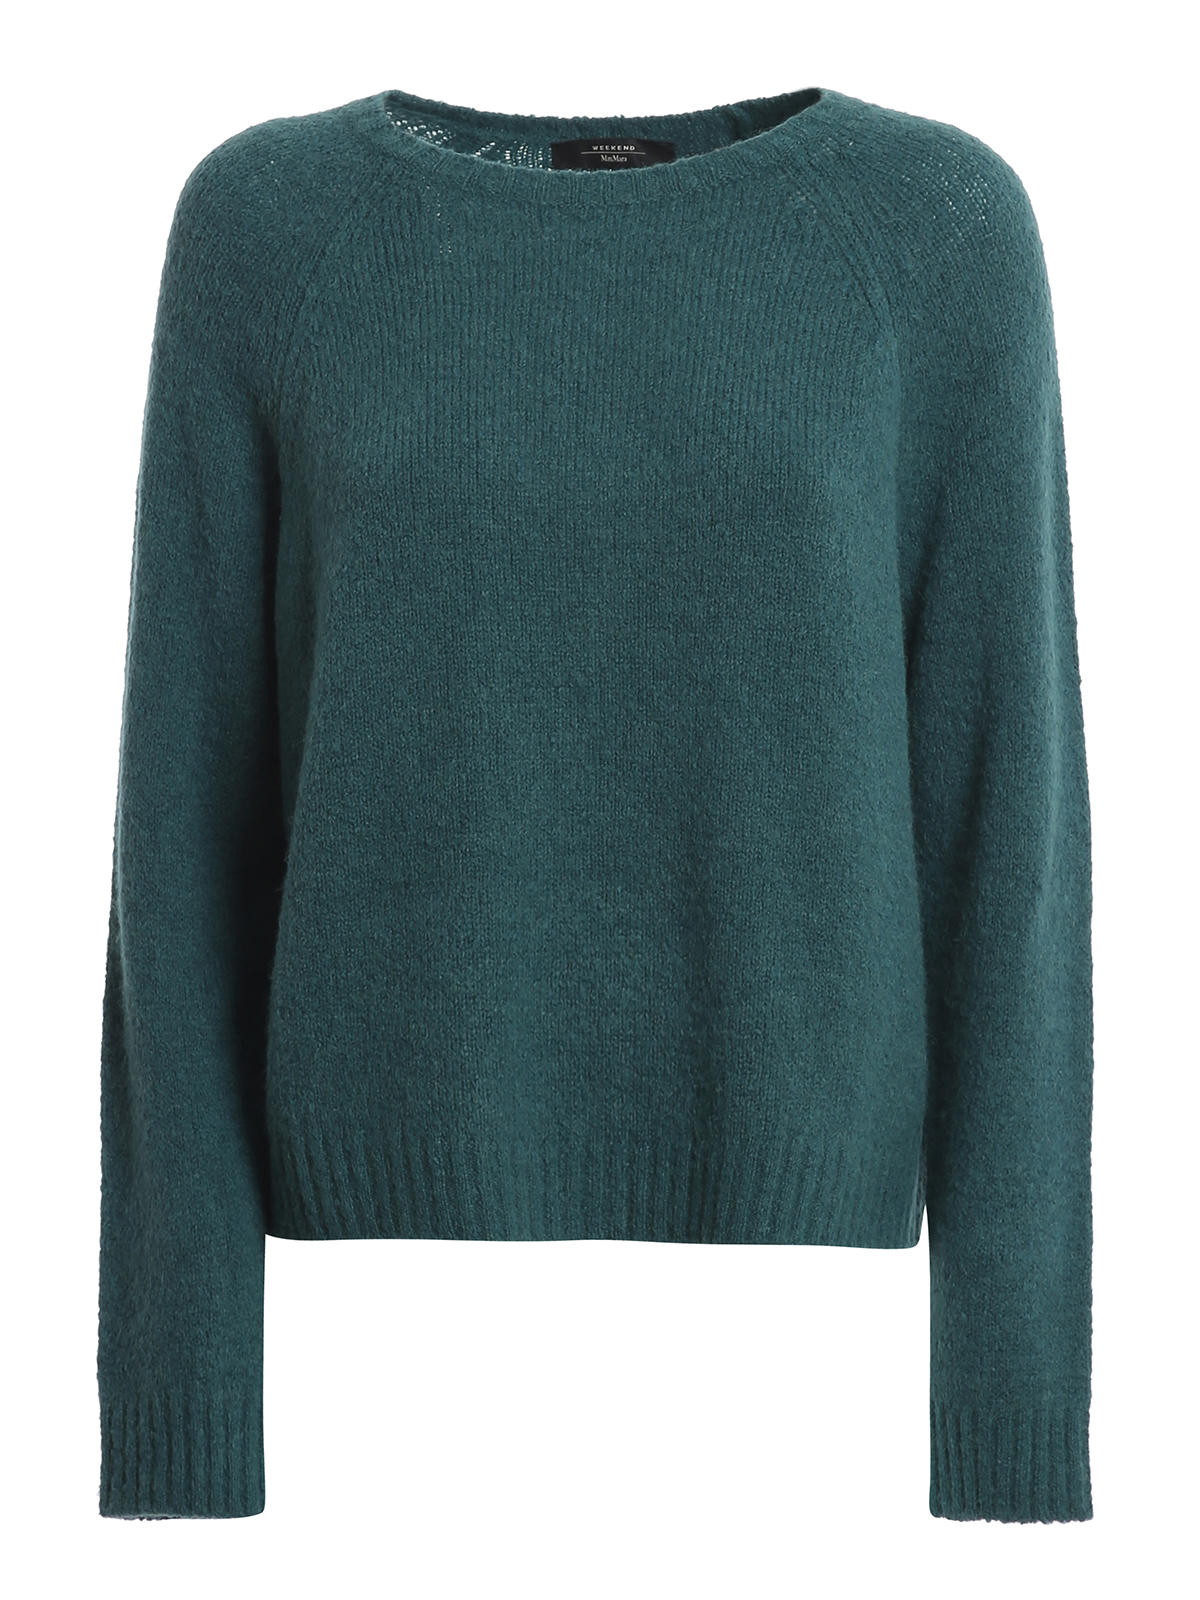 Weekend Max Mara Amici Alpaca Blend Sweater In Dark Green